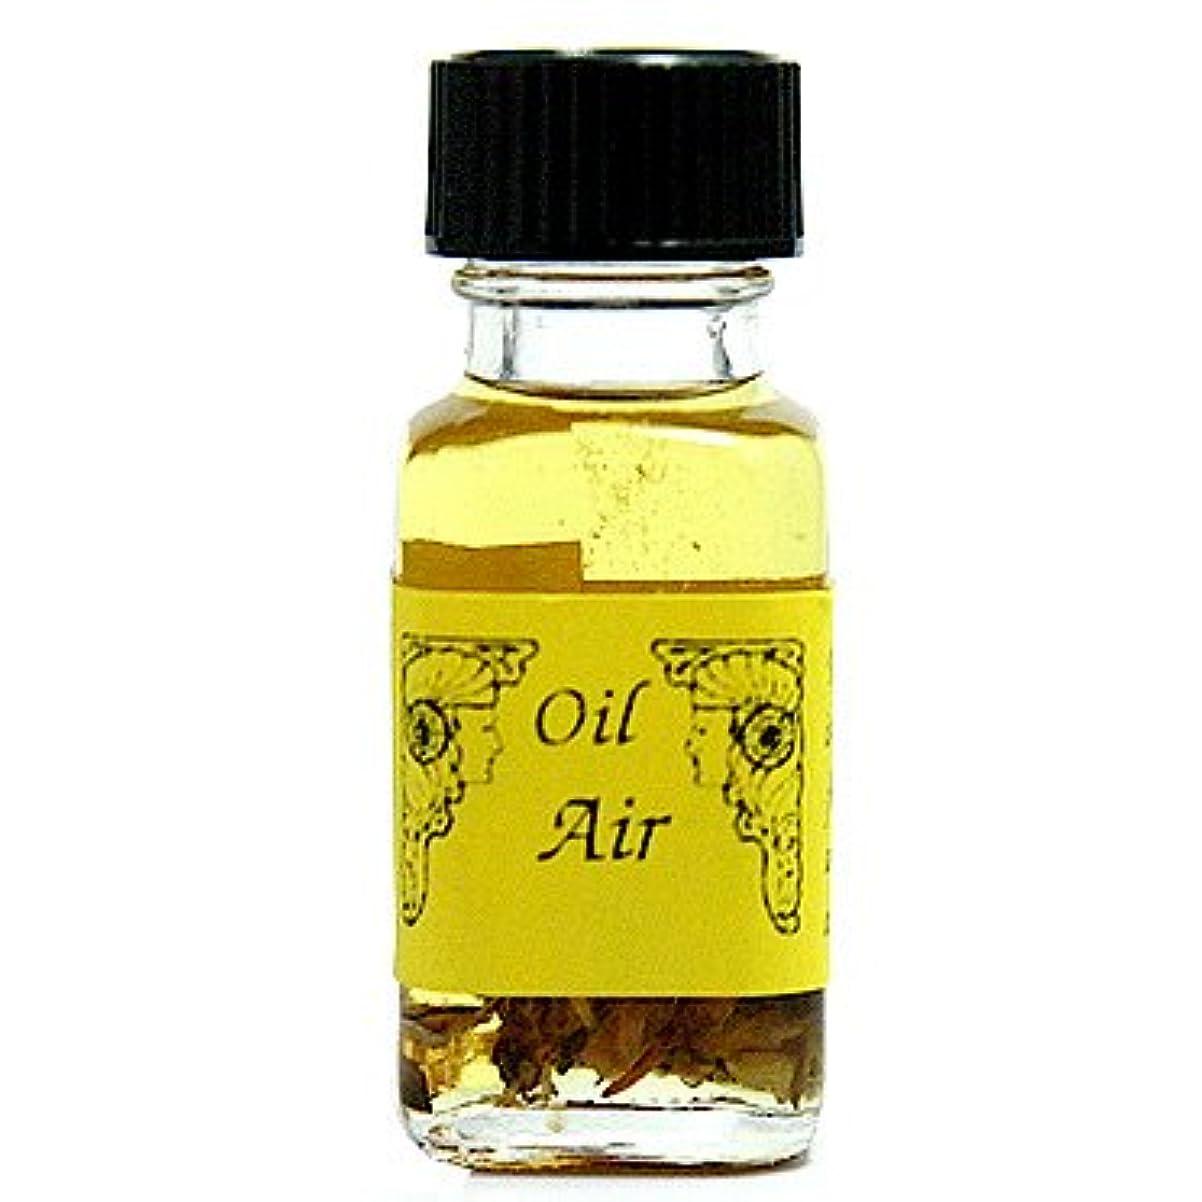 ジェム聖域速度アンシェントメモリーオイル エアー (風) 15ml (Ancient Memory Oils)